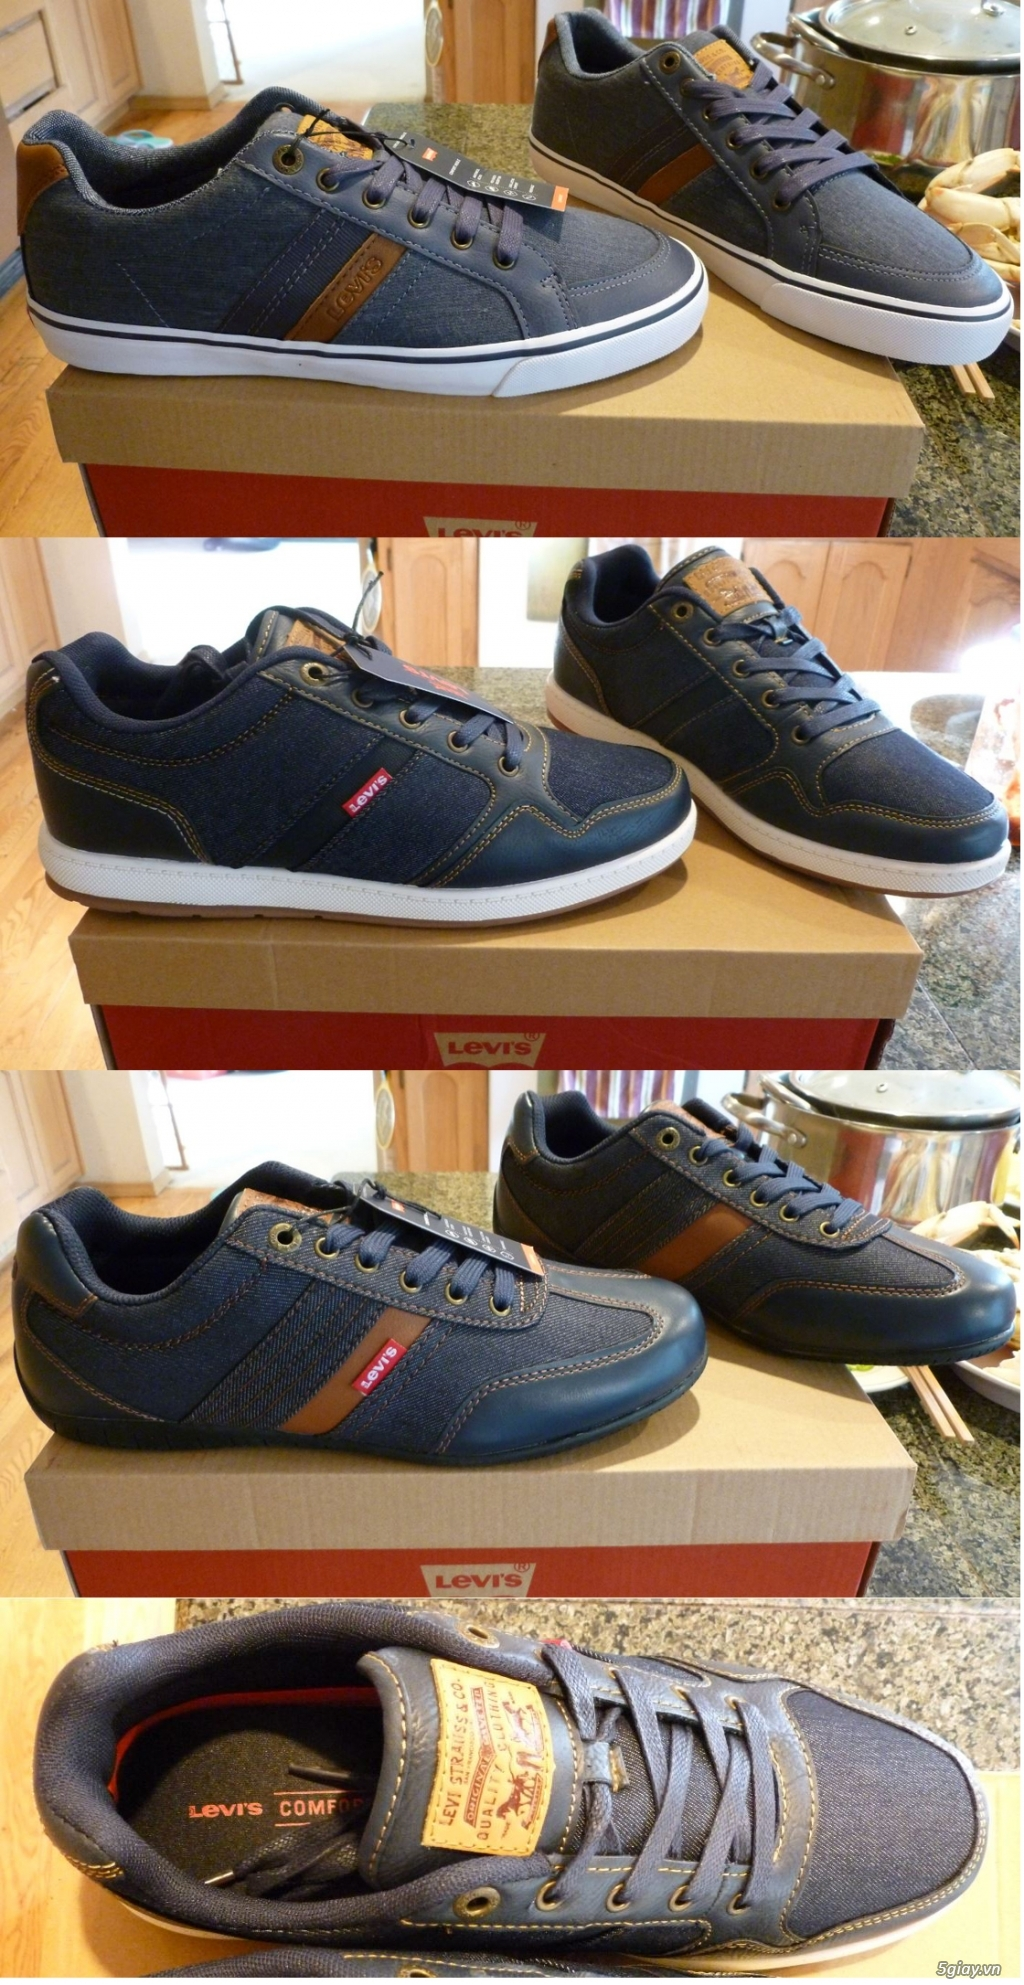 Mình xách/gửi giày Nike, Skechers, Reebok, Polo, Converse, v.v. từ Mỹ. - 14